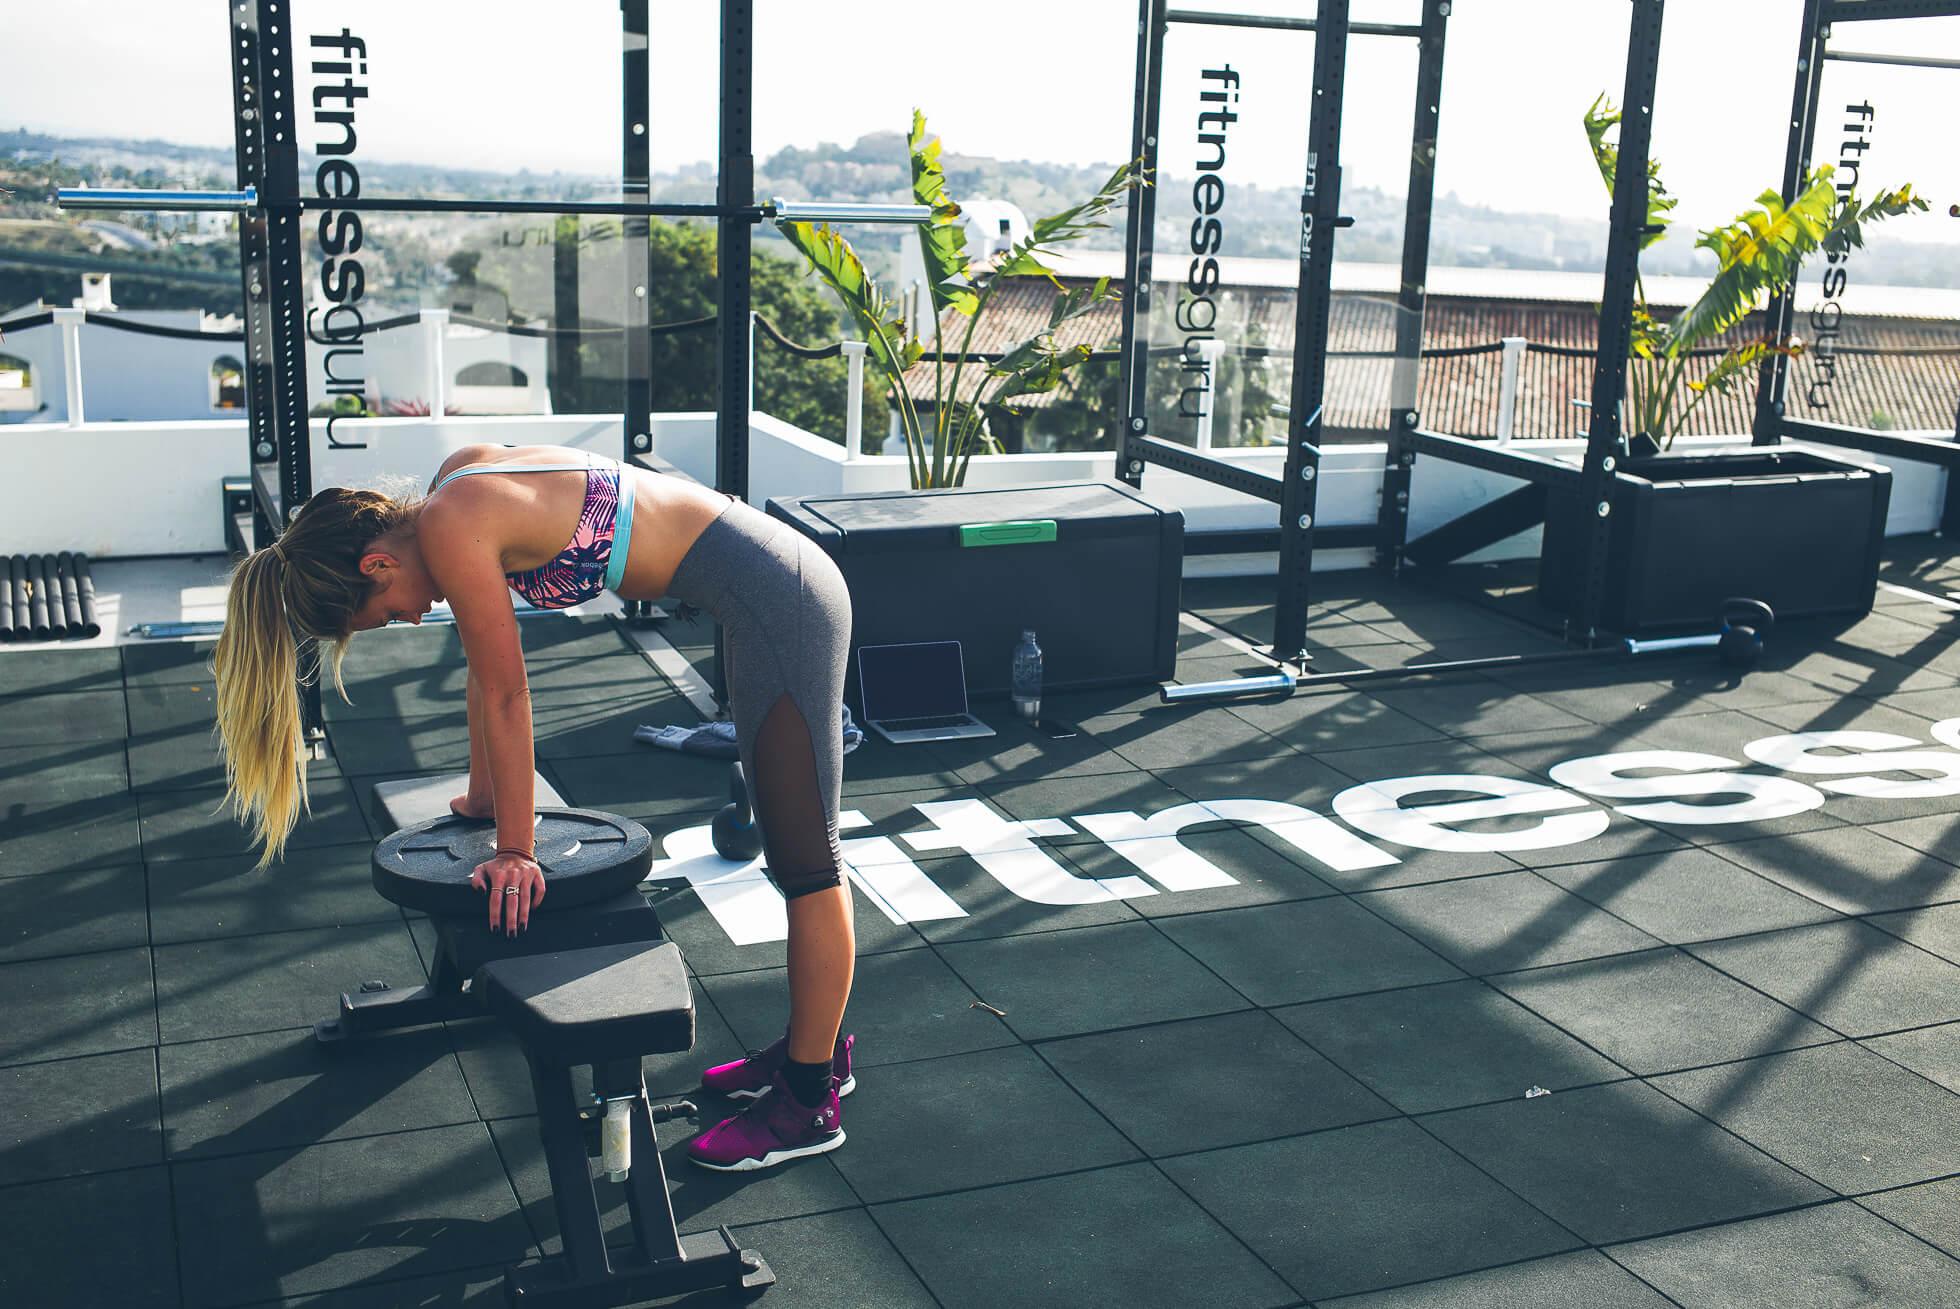 janni-deler-rooftop-workoutL1009019